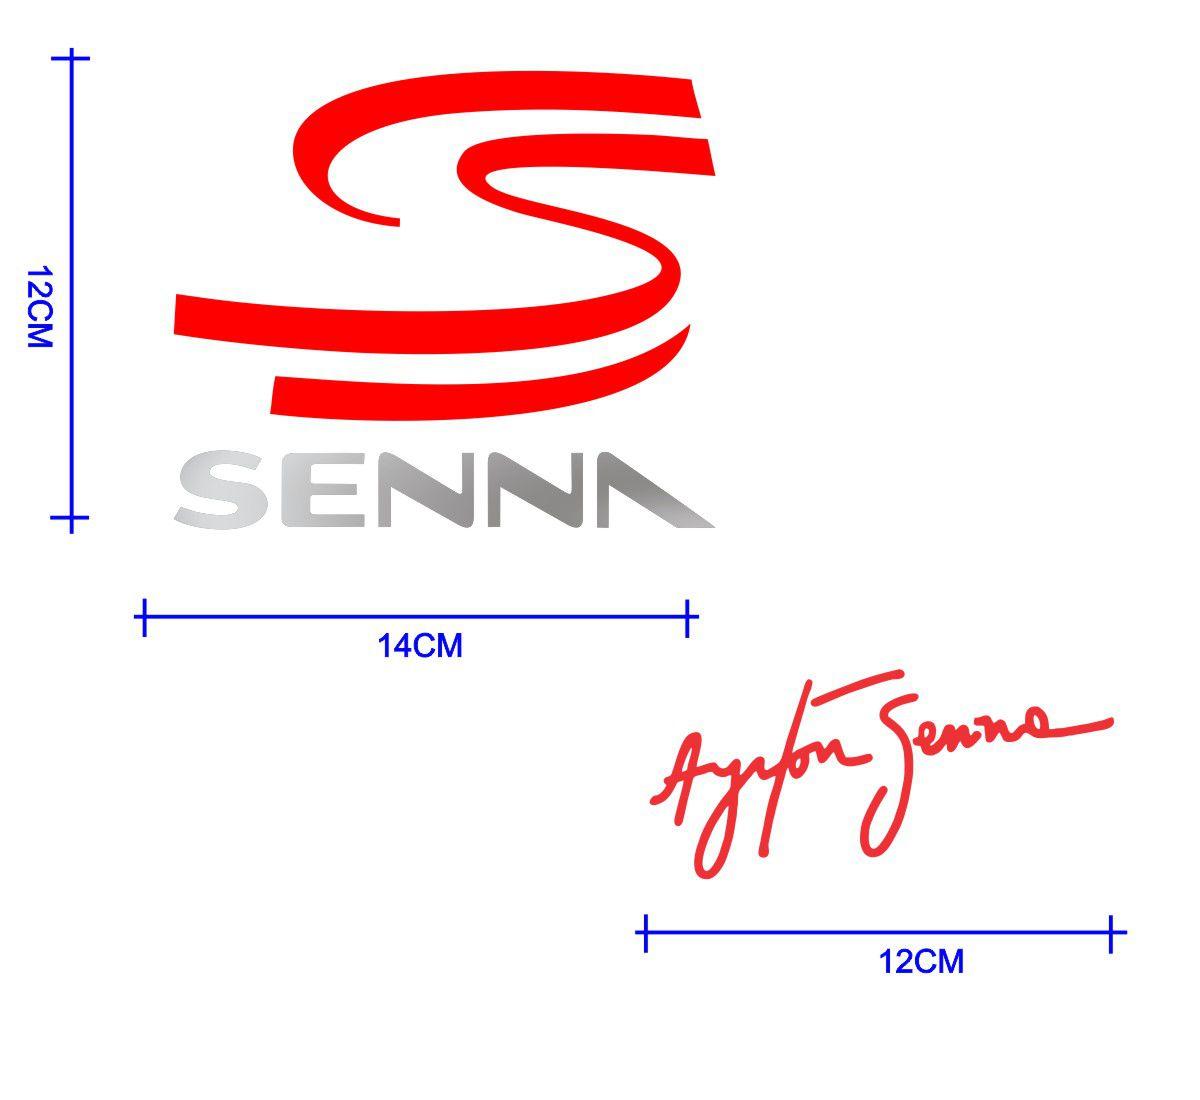 Adesivo Kit Senna: S do Senna + Assinatura